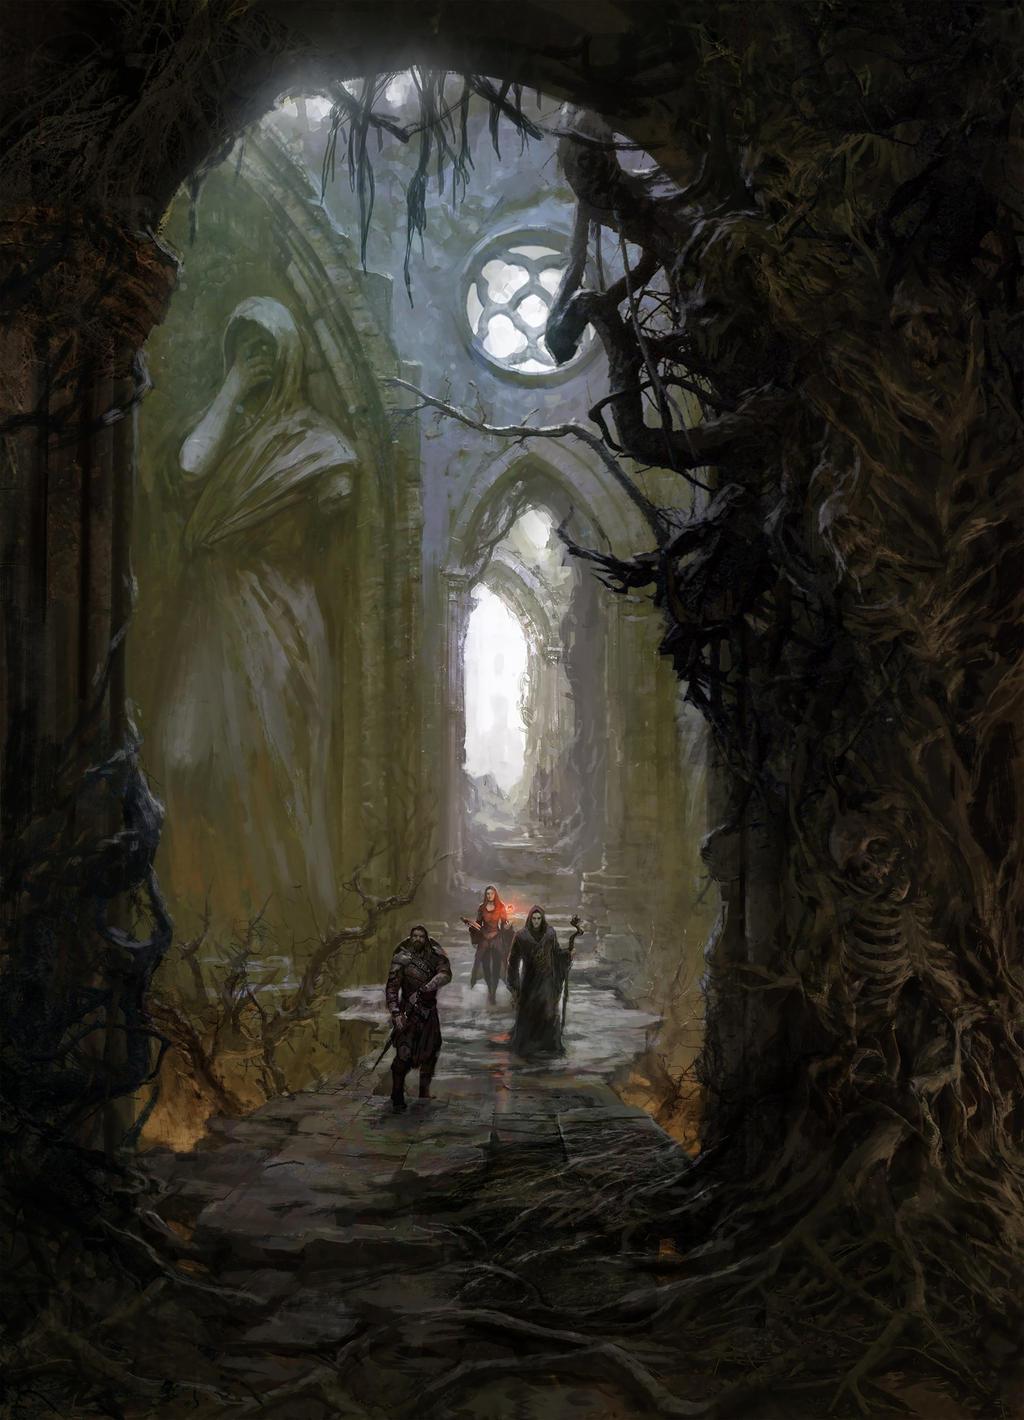 Journey through the Dark